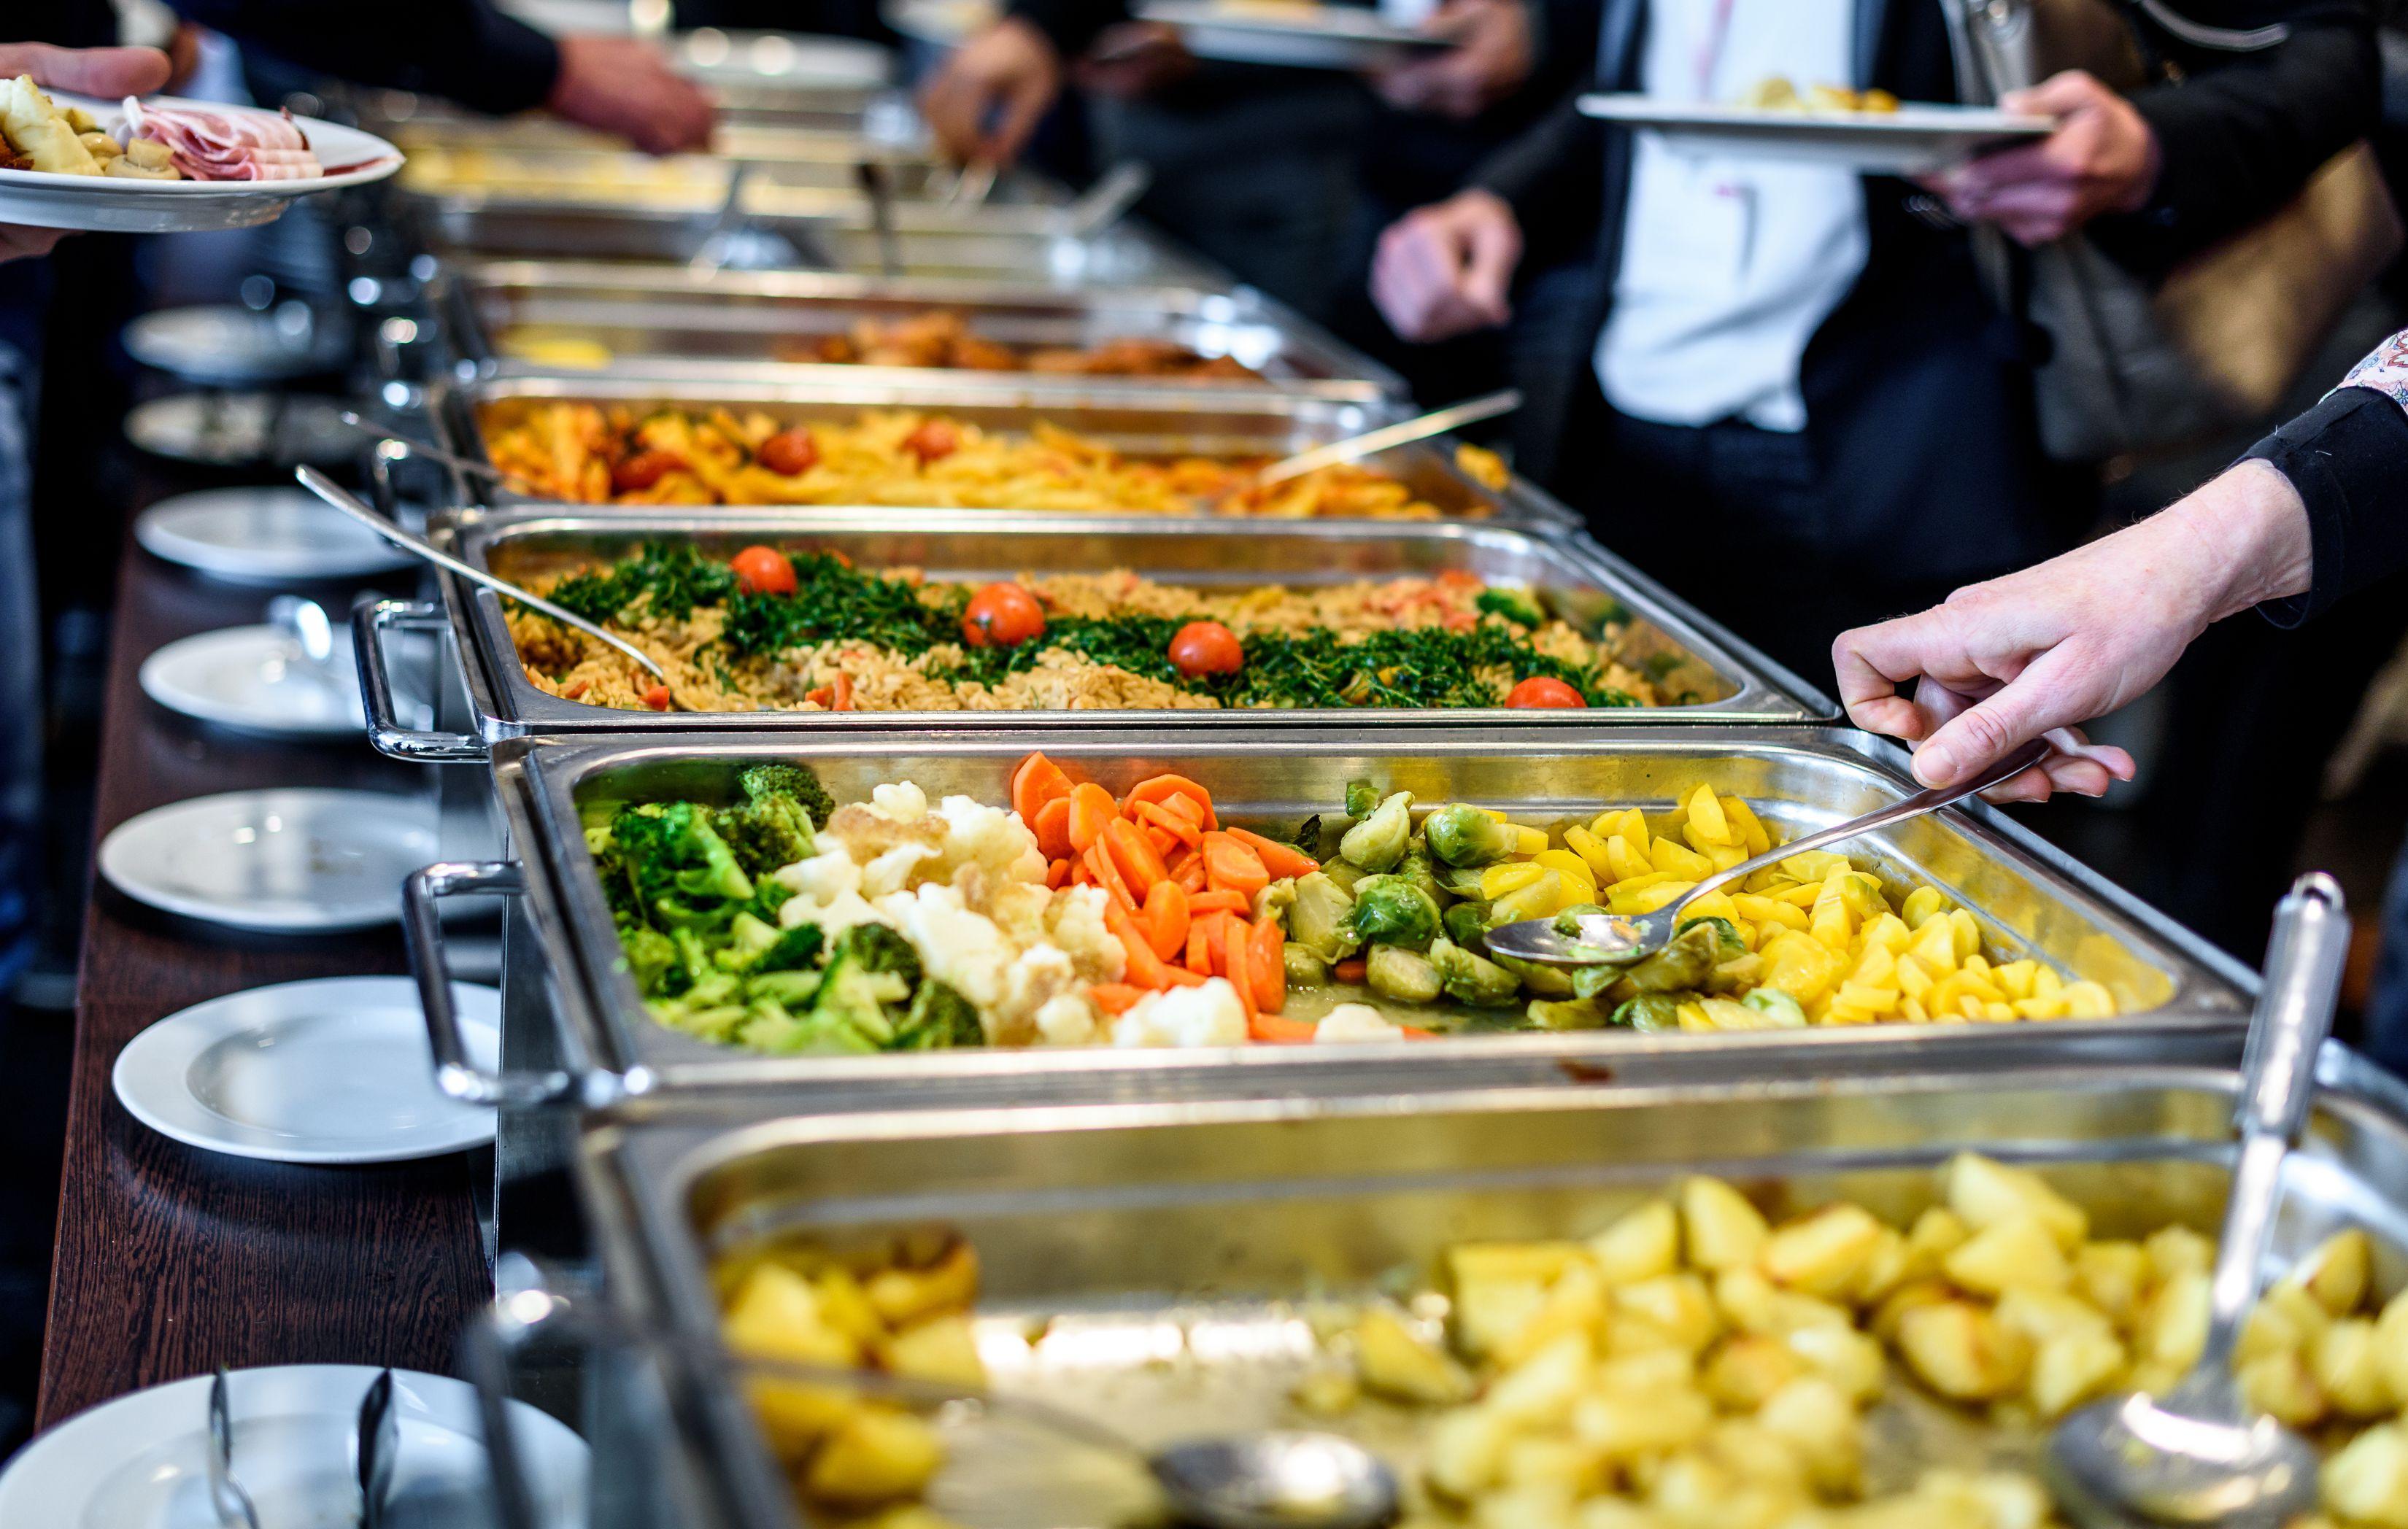 barra de comida caliente, banquete, catering